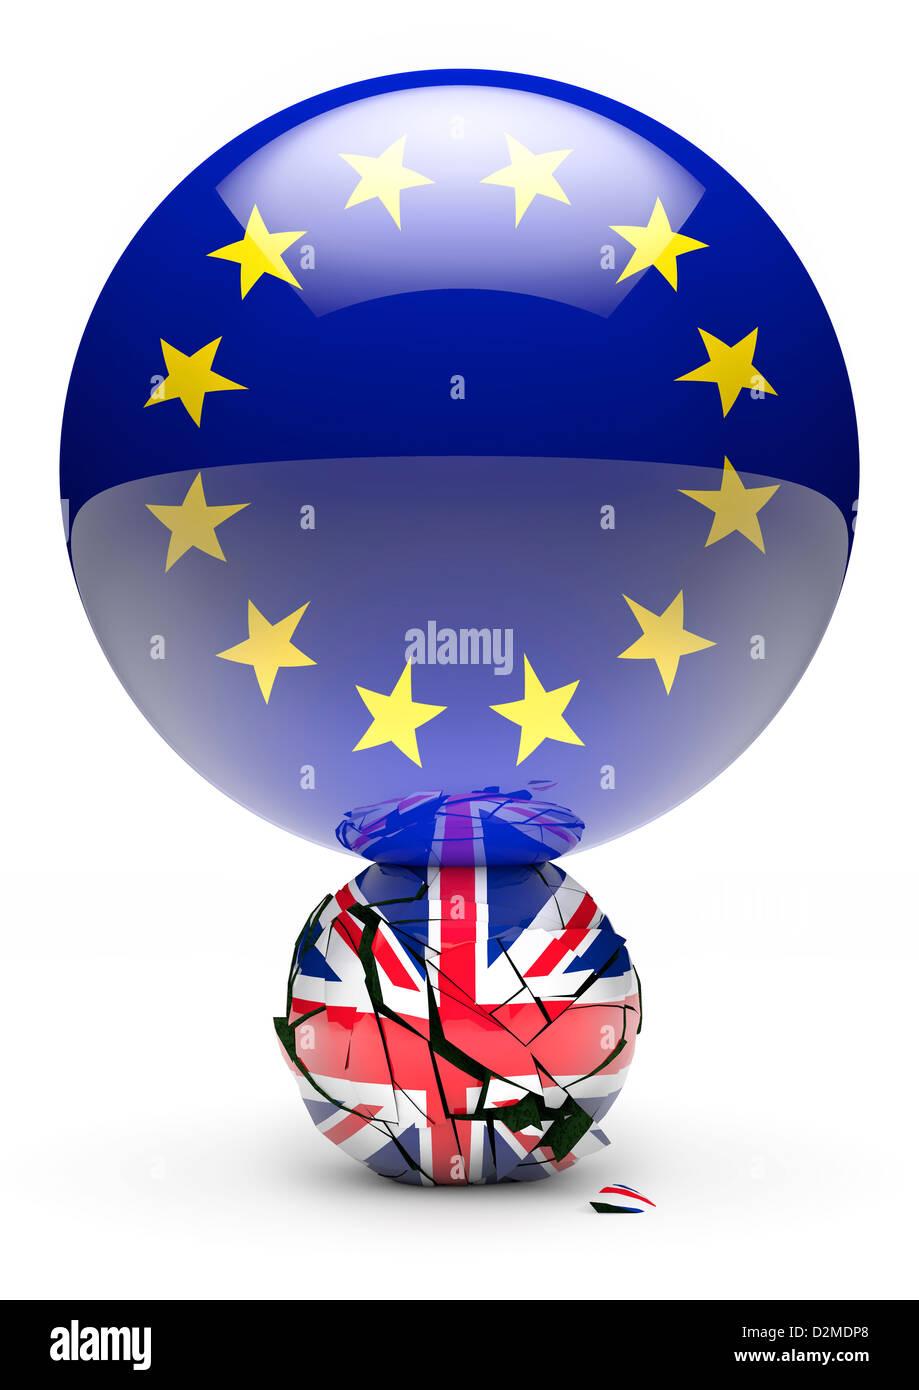 Große europäische Flagge Kugel kleinere britische Union Flag Kugel - EU Auseinanderbrechen zerkleinern Stockbild